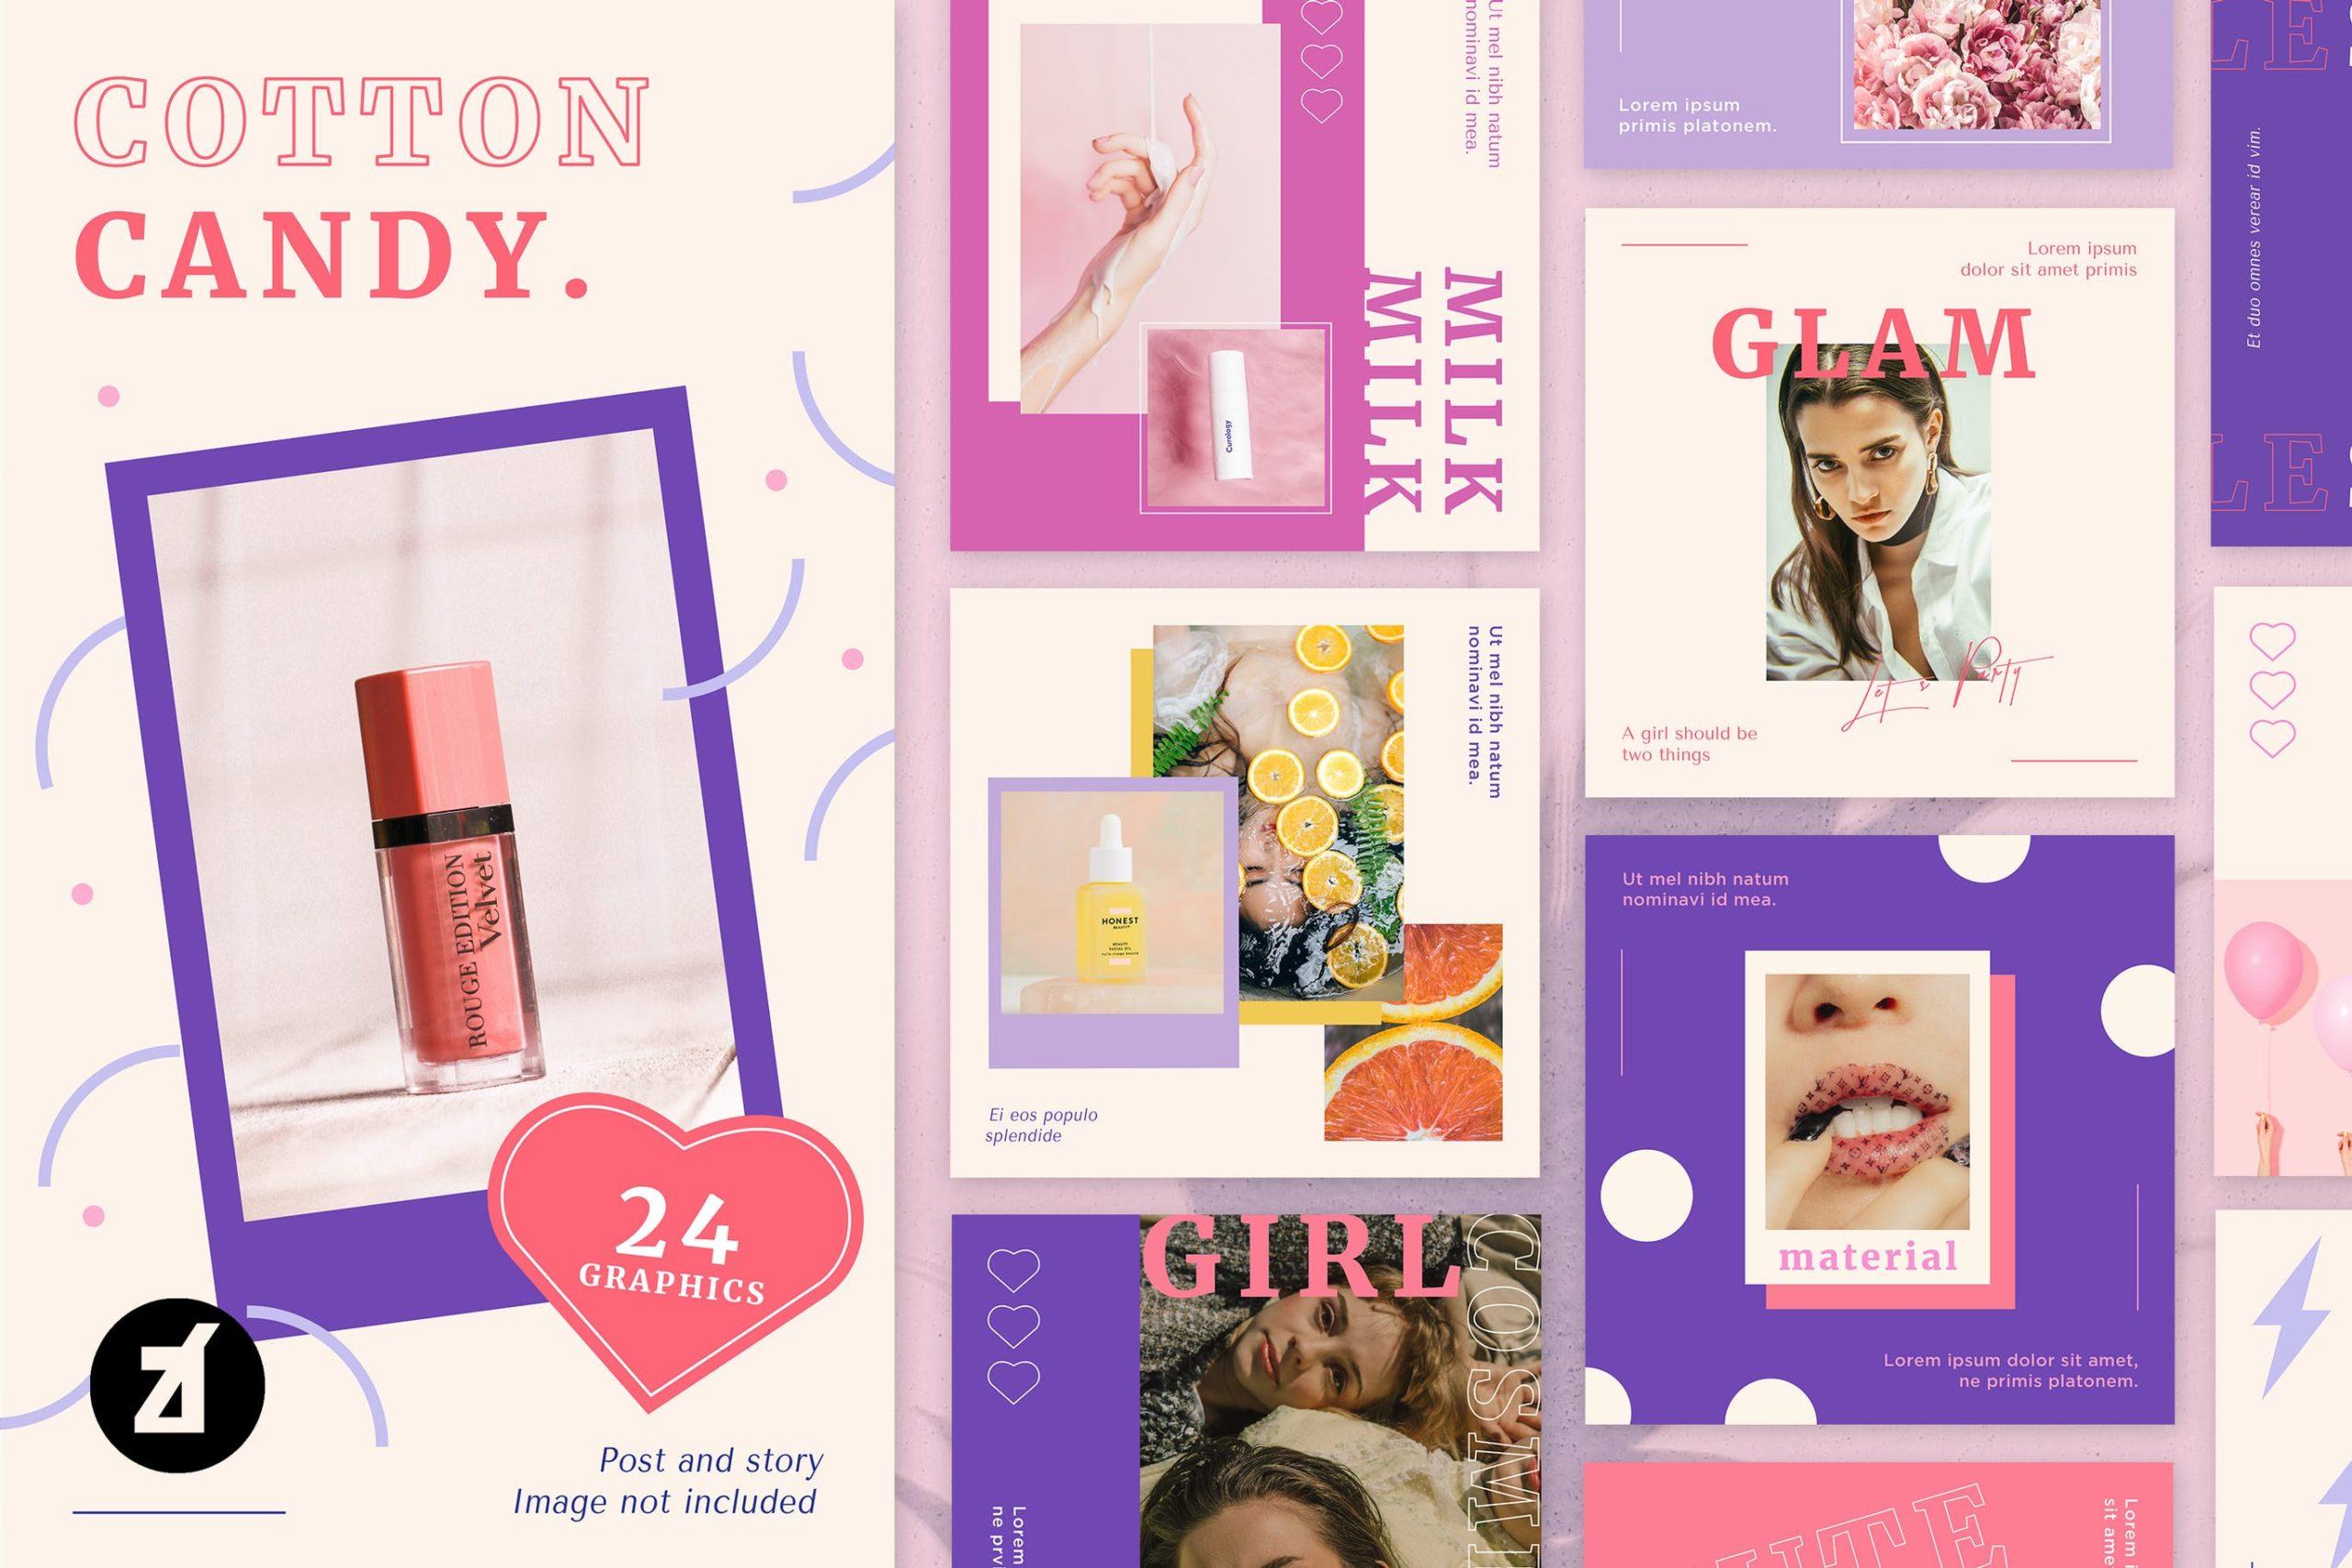 轻柔粉紫色女性生活化妆品推广新媒体电商海报模板 Cotton Candy Social Media Graphic Templates插图